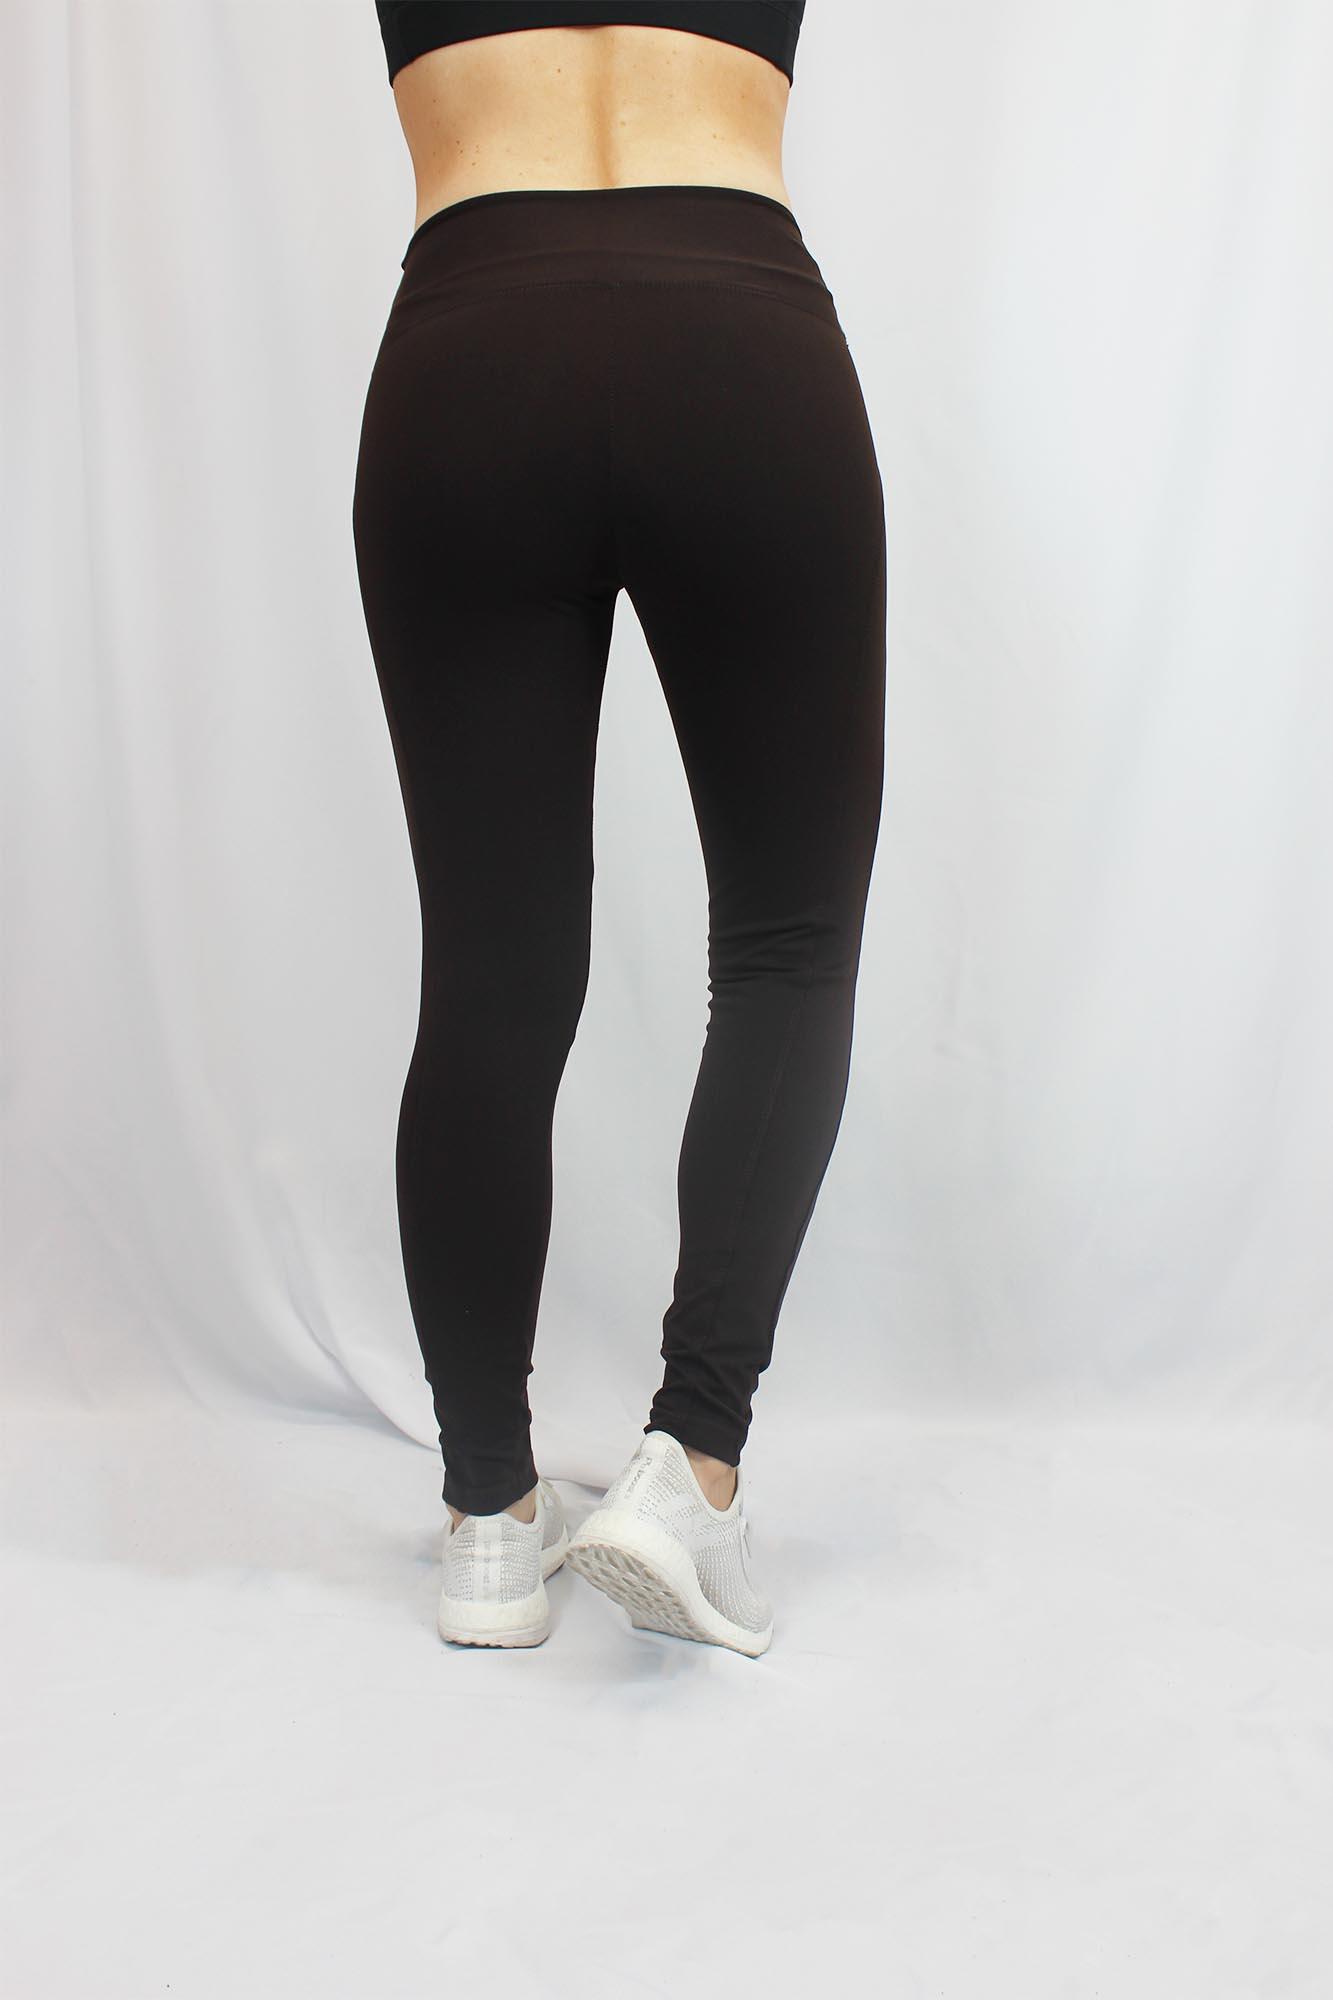 Calça Legging Montaria Feminina - Marrom Escuro